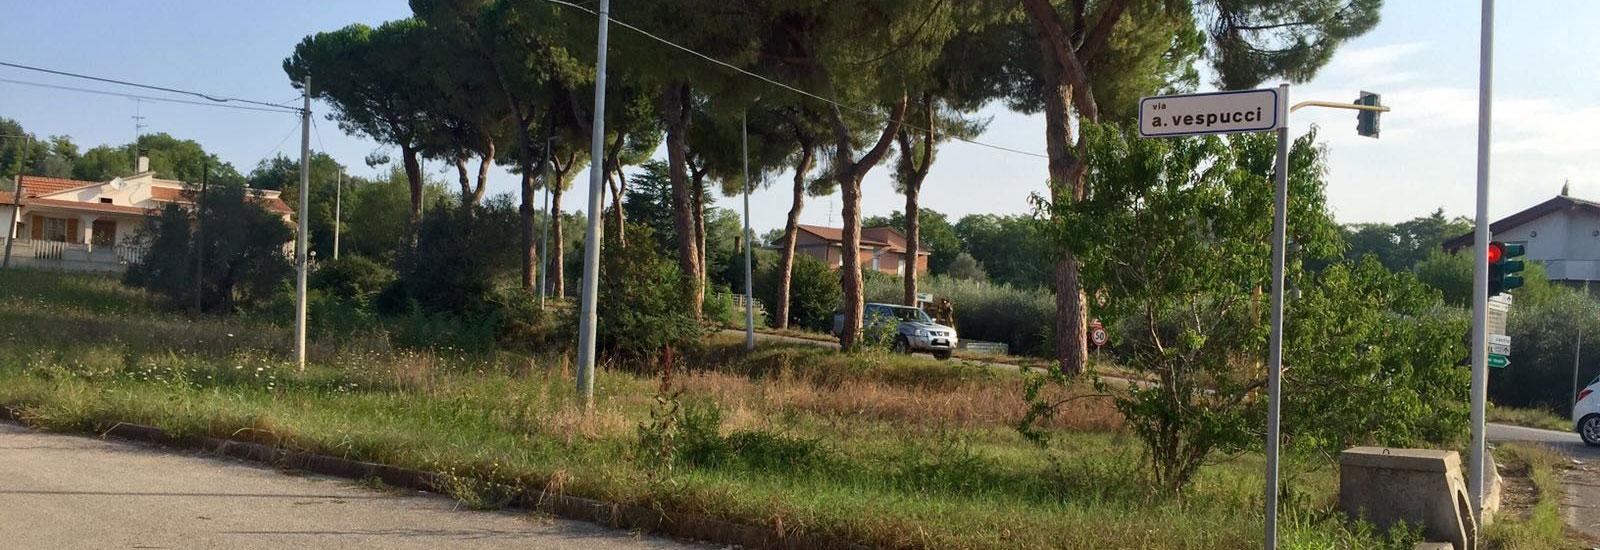 Terreno-via-Vespucci-Nereto